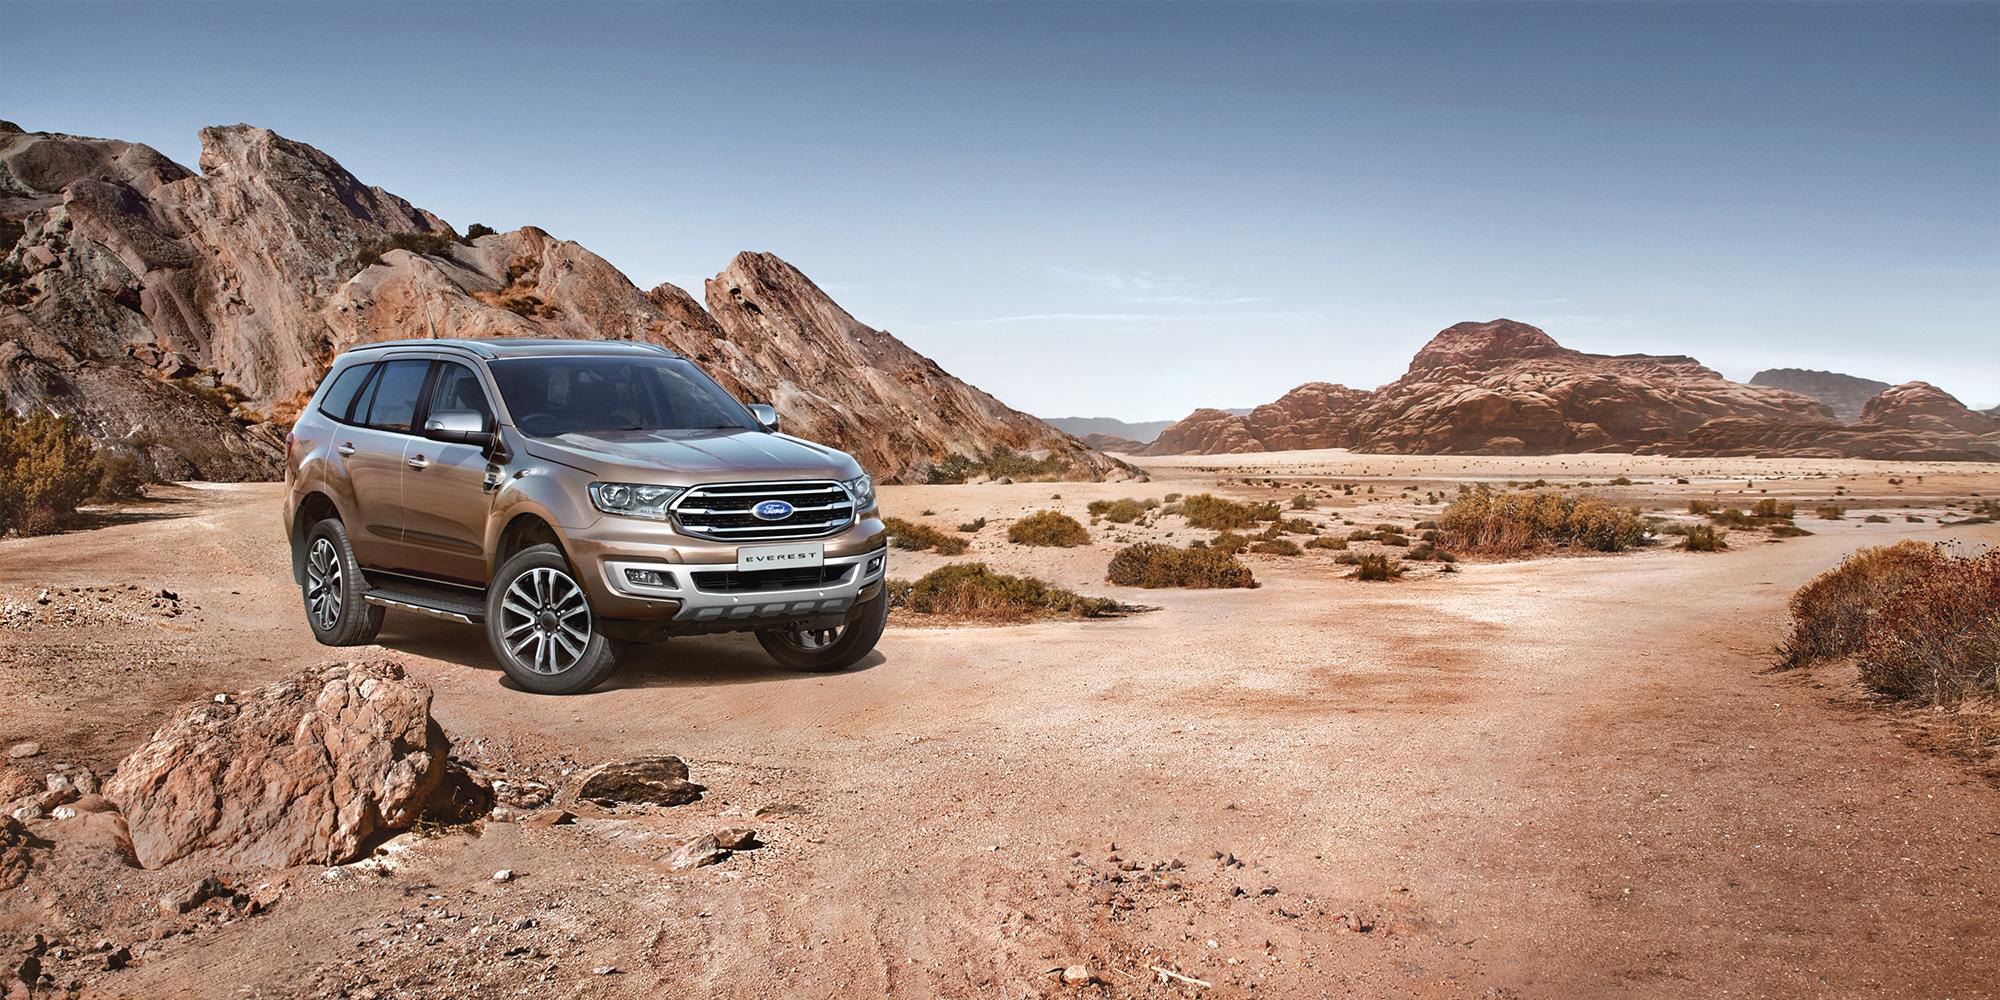 01_AT_Ford_Everest_Desert_01